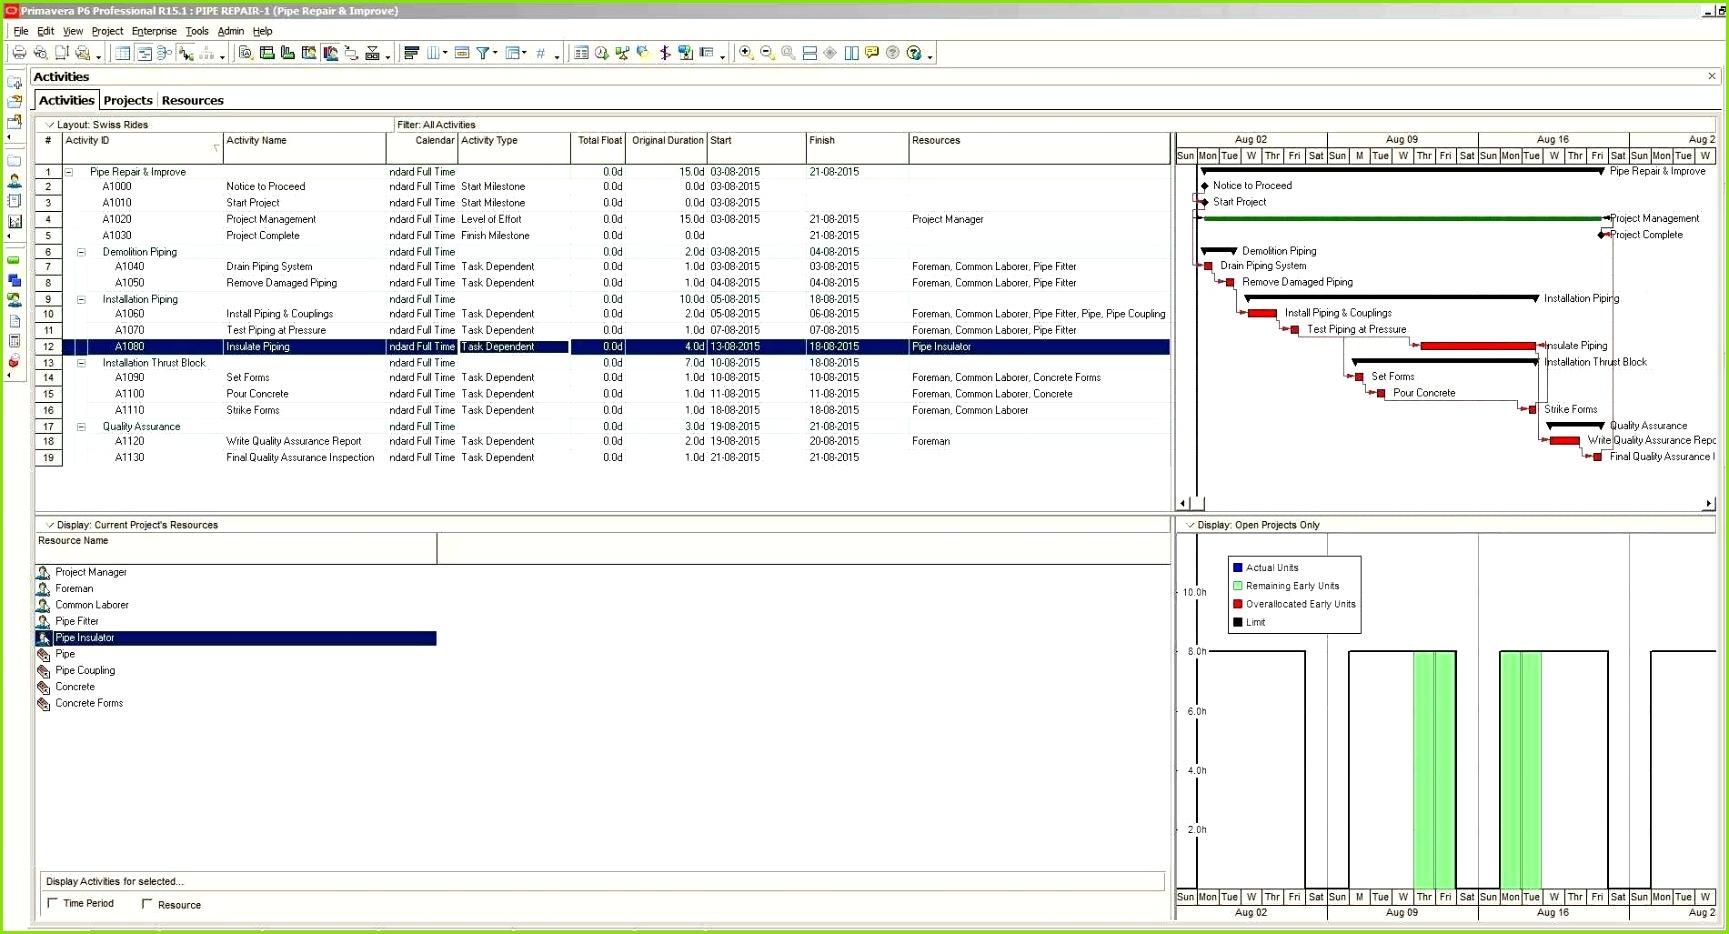 Ebay HTML Vorlagen Druckbare 45 Entwurf Vorlage Lebenslauf Kostenlos Download 45 Herunterladbare Ebay HTML Vorlagen